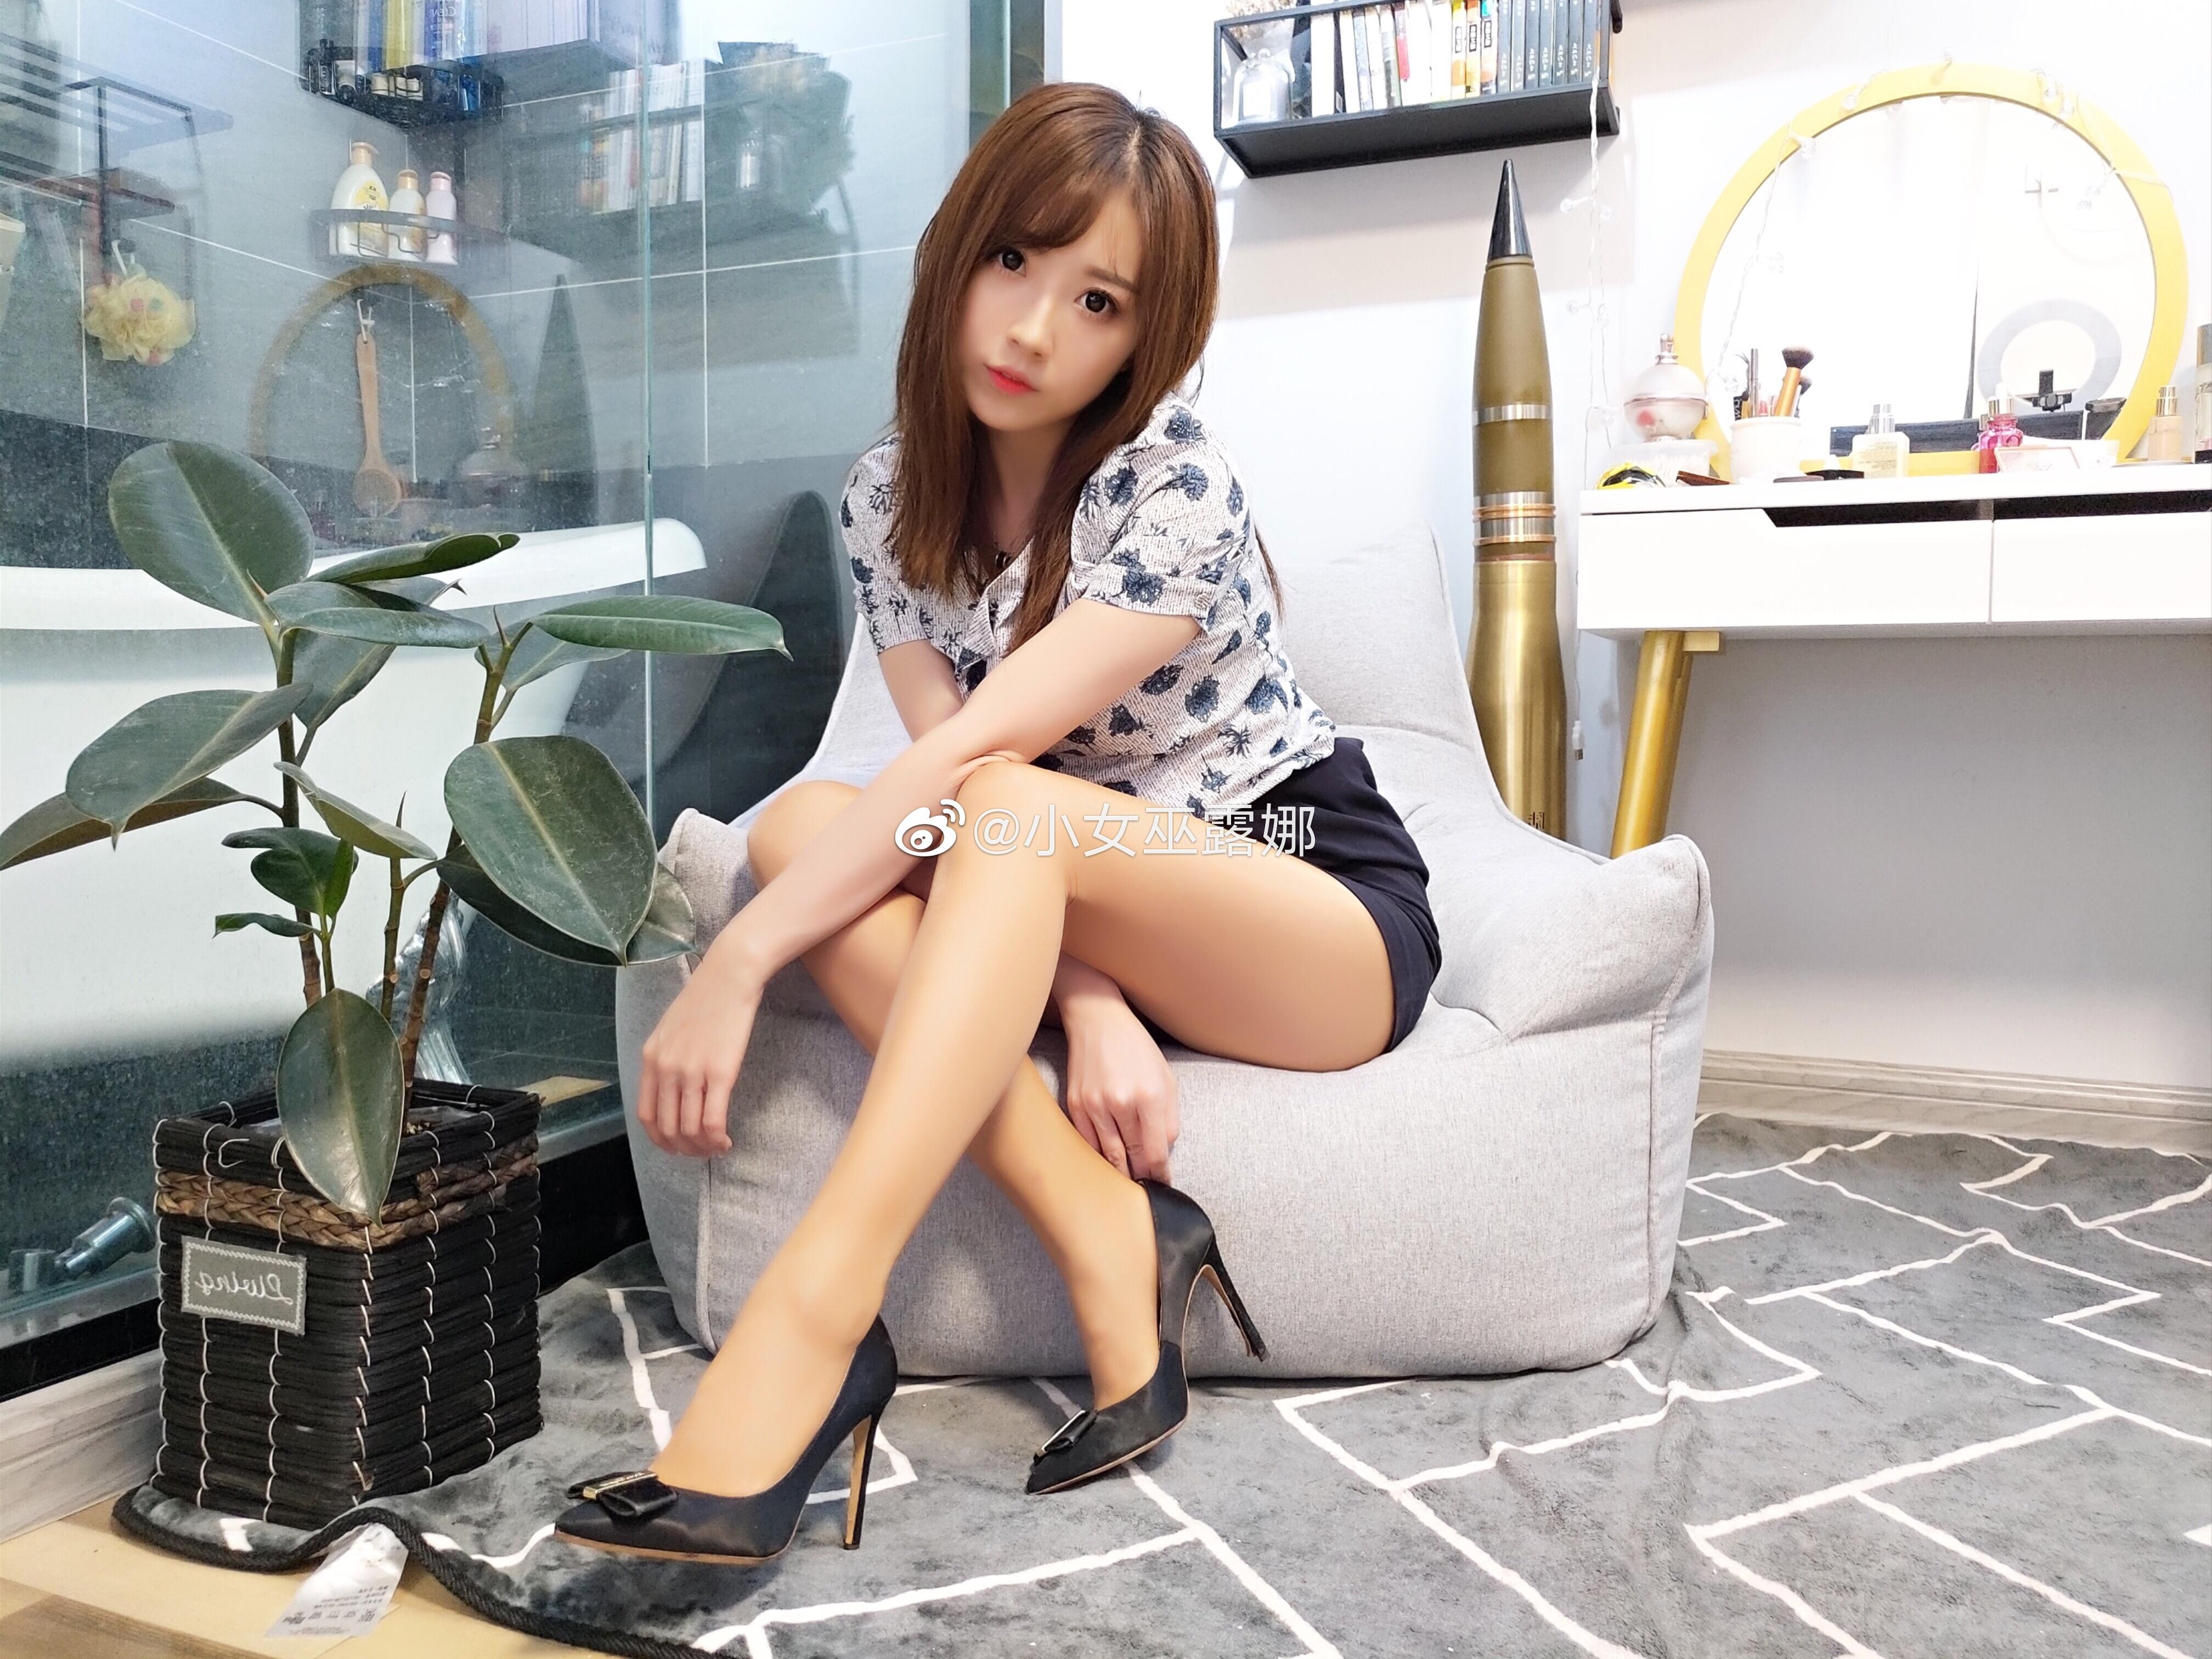 斗鱼主播小女巫露娜的腿子图集 美女写真-第21张